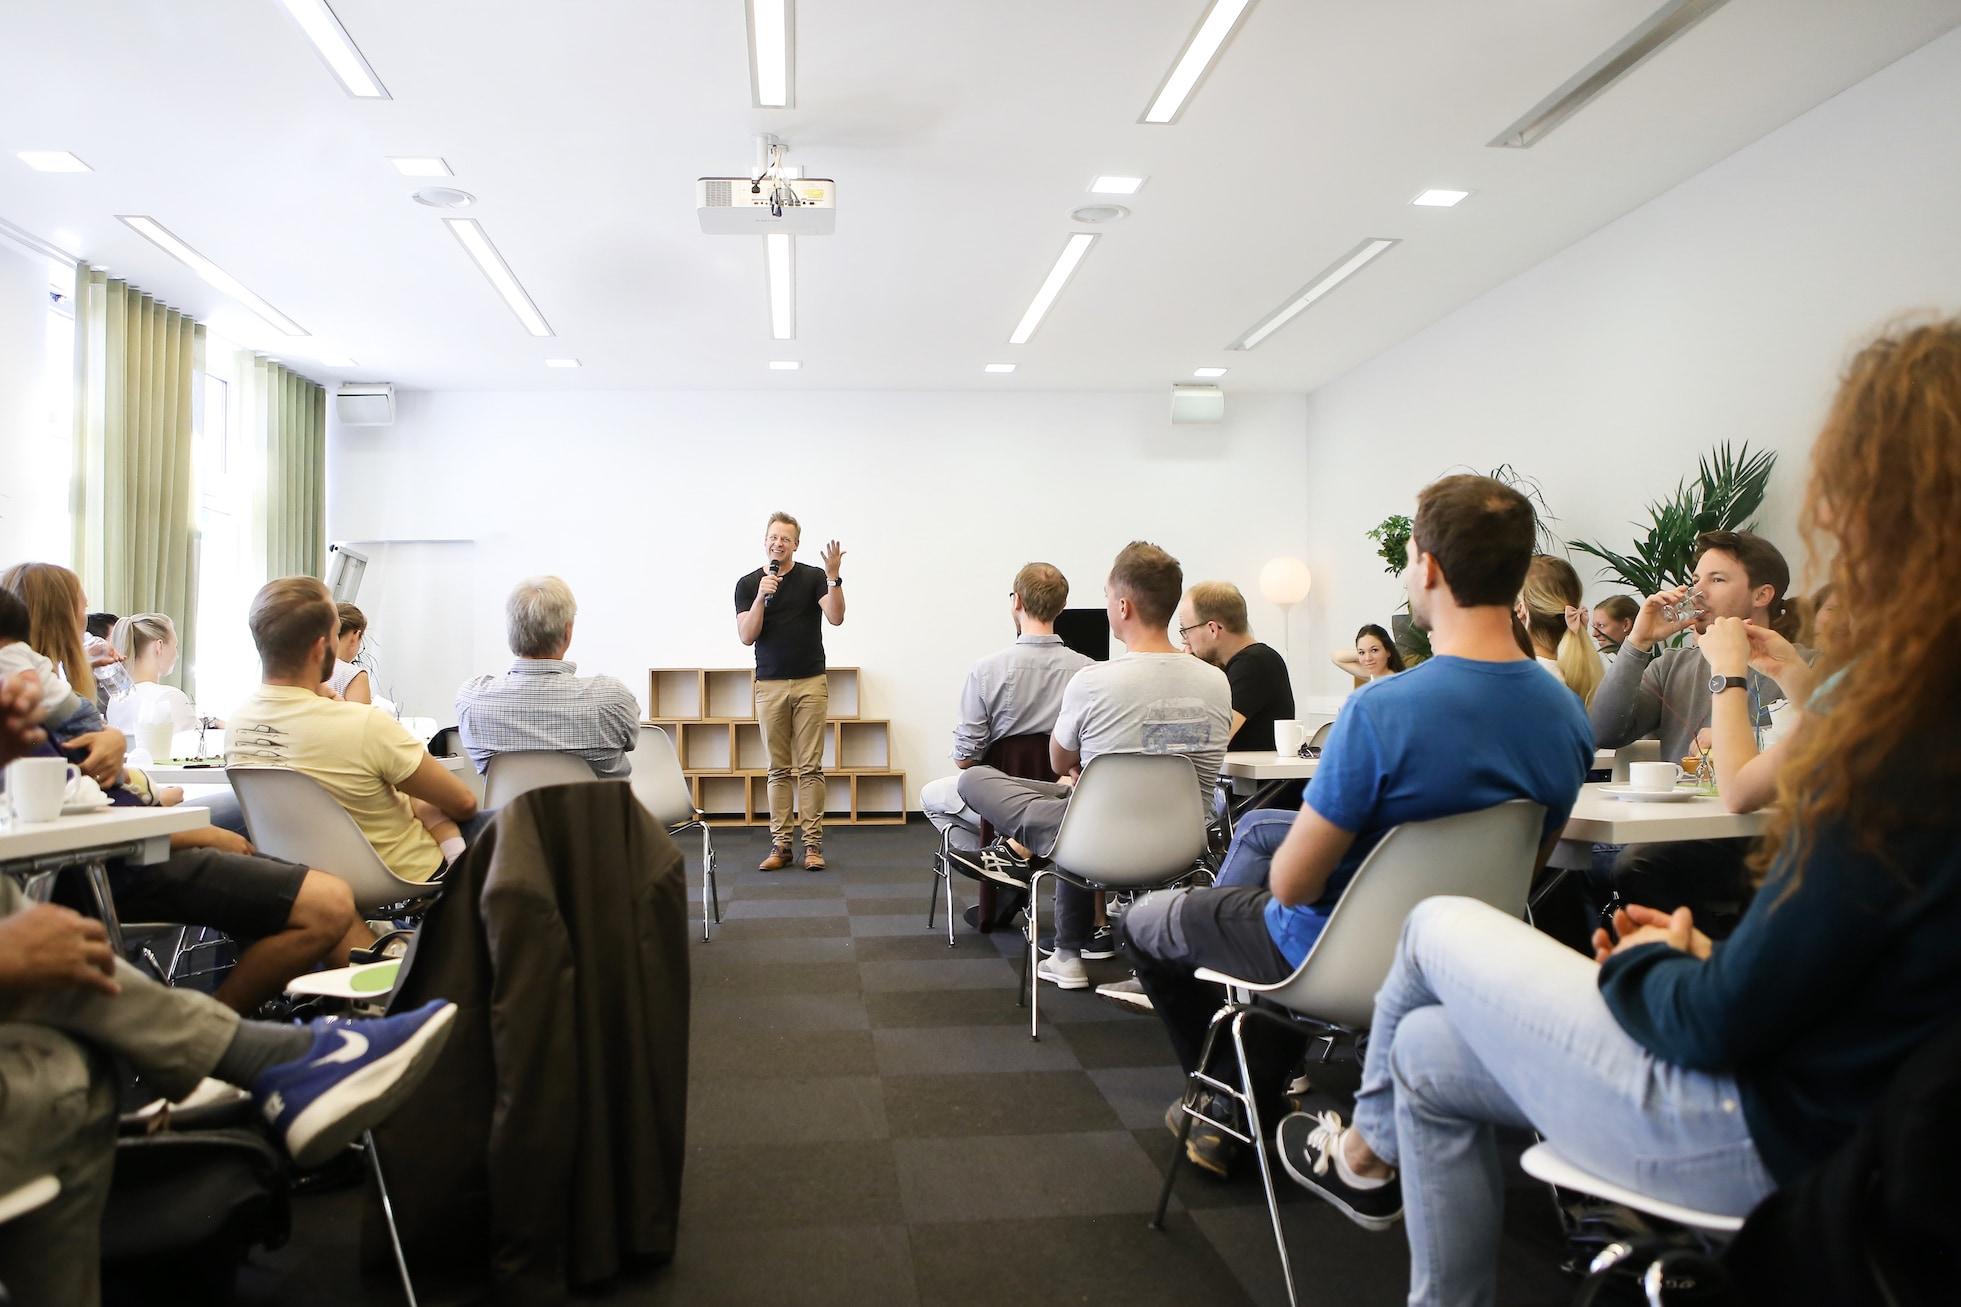 Predigt im Gottesdienst in der Citychurch München